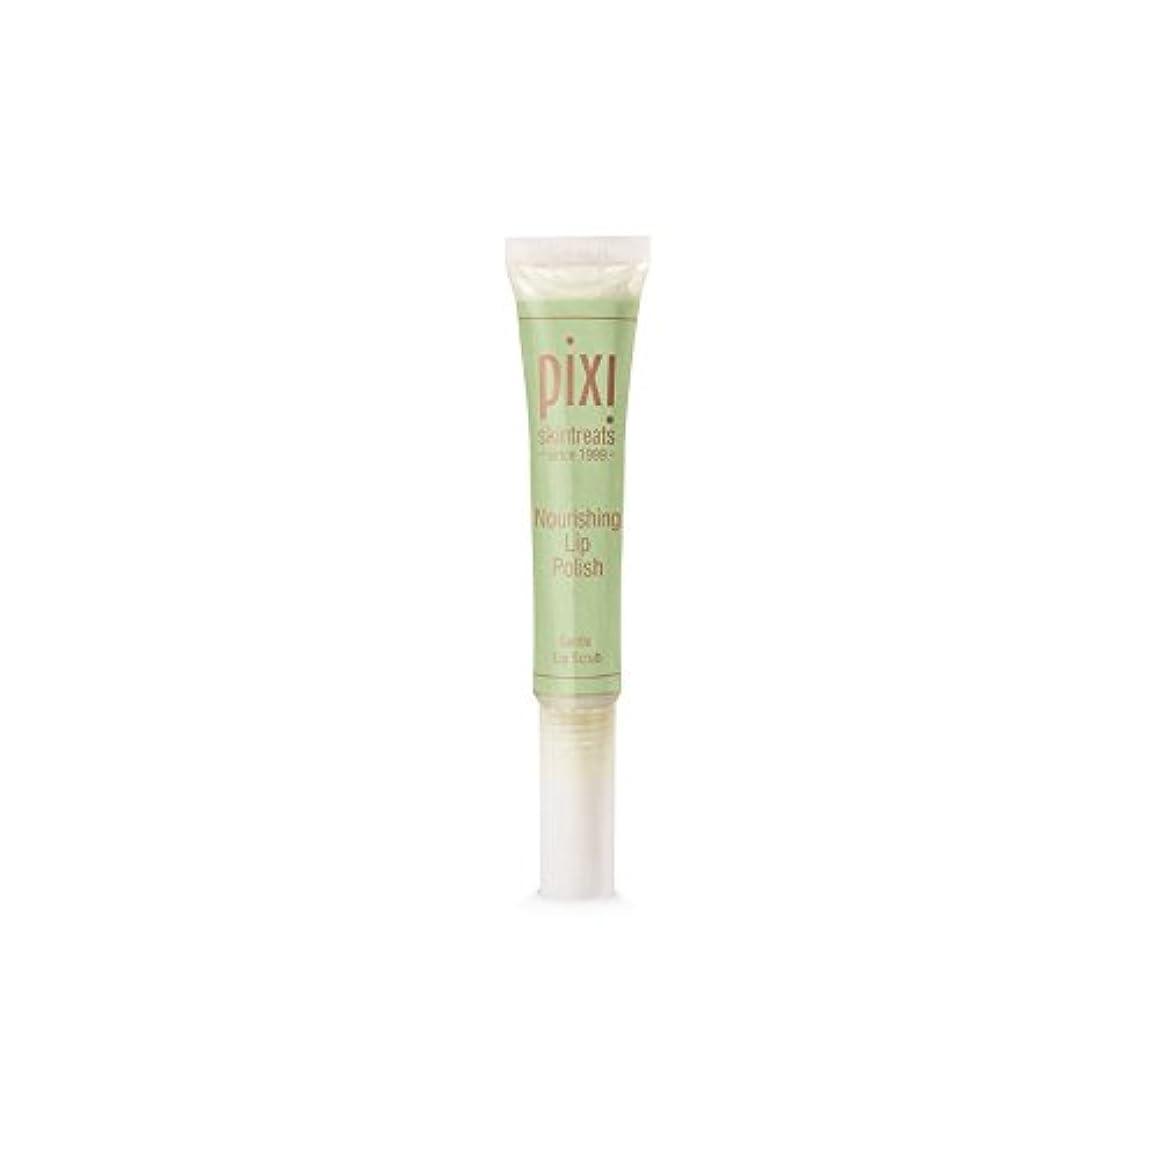 割り当てます乳剤データムPixi Nourishing Lip Polish (Pack of 6) - 栄養リップポリッシュ x6 [並行輸入品]